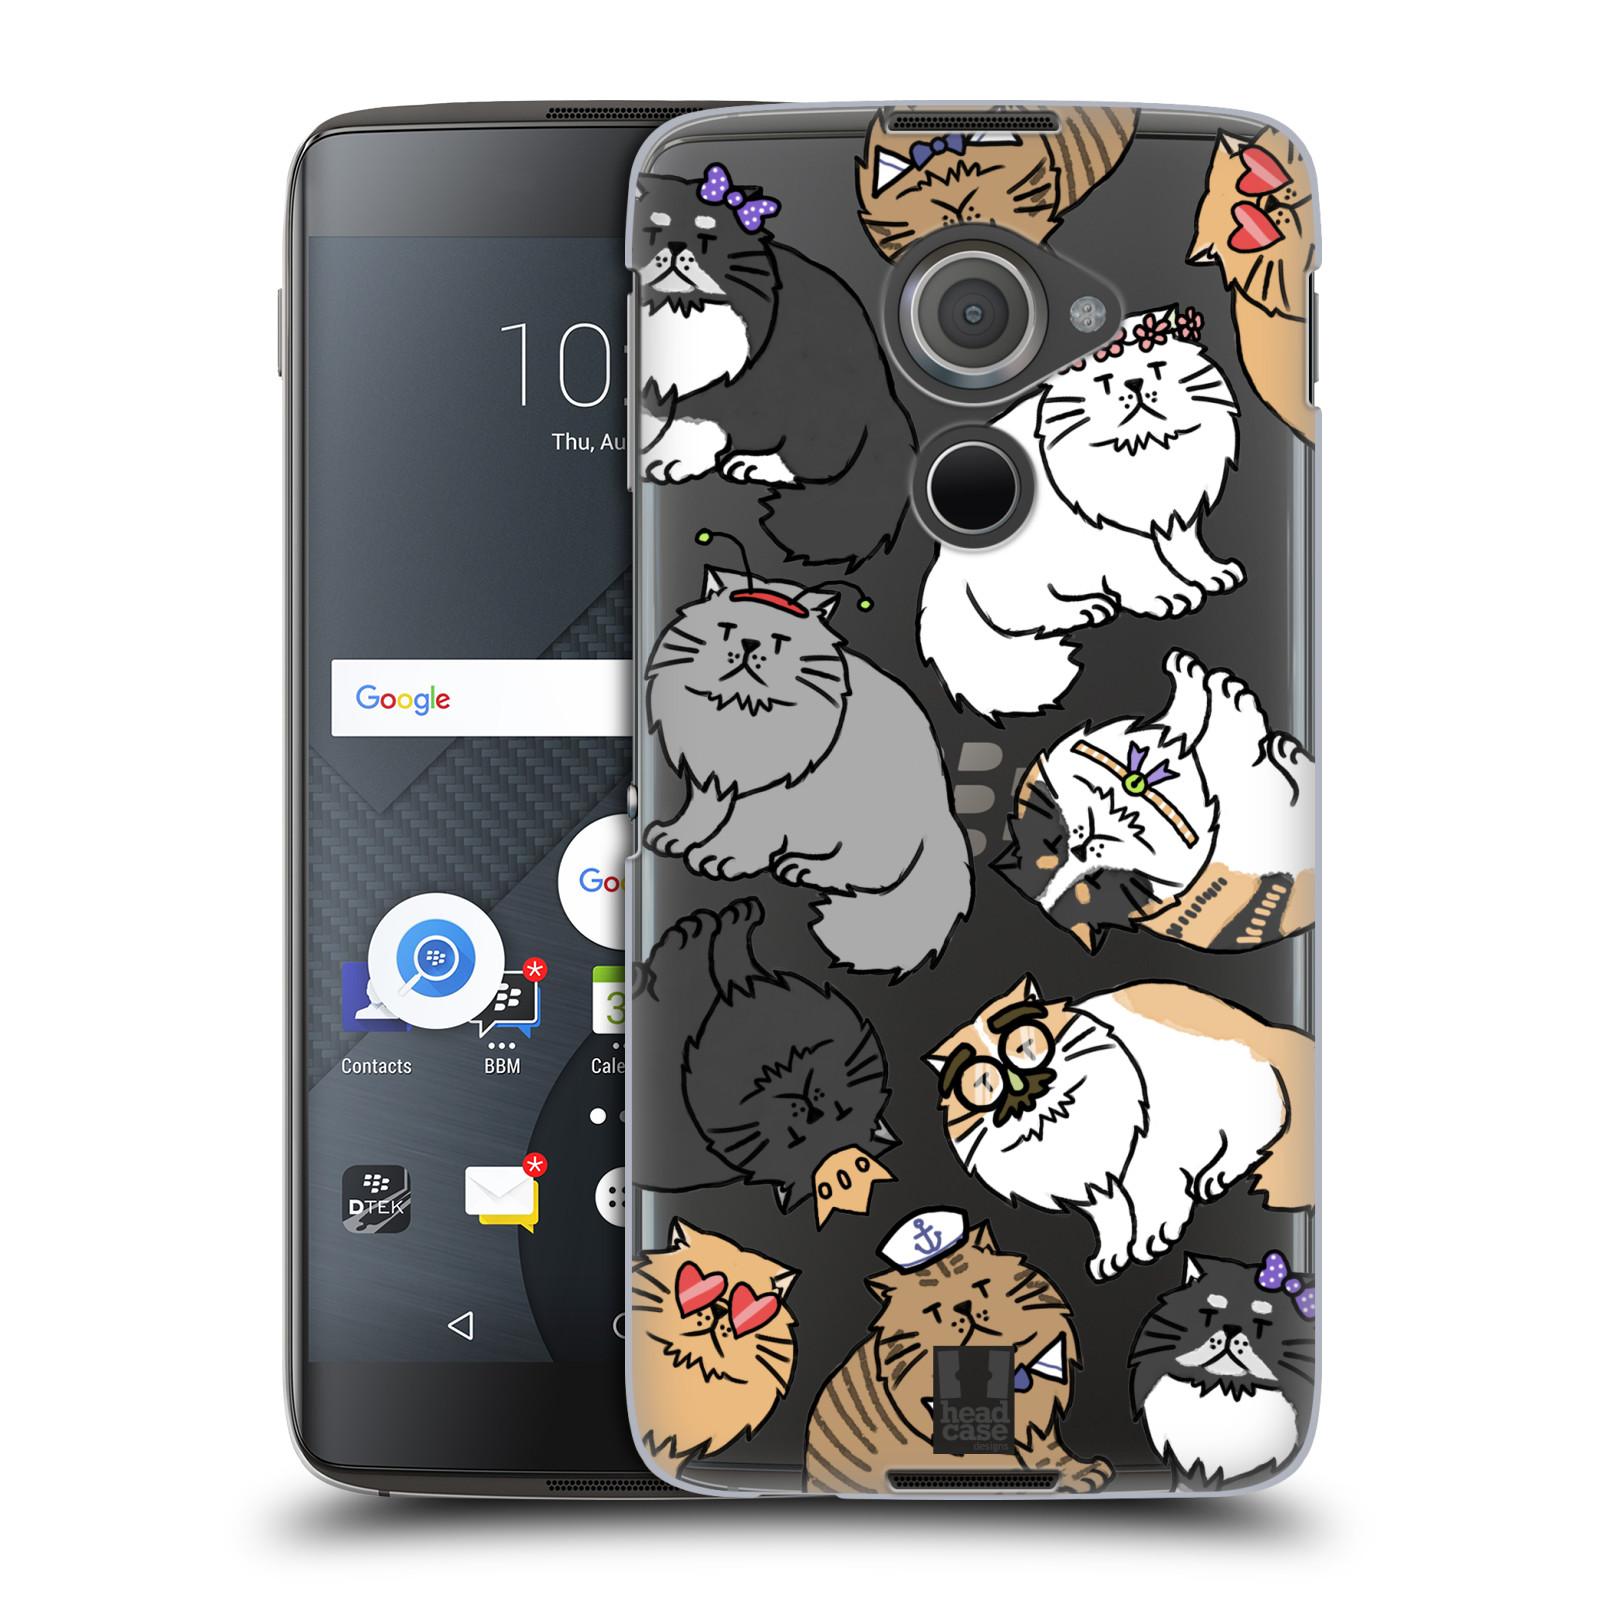 Plastové pouzdro na mobil Blackberry DTEK60 (Argon) - Head Case - Perská kočka (Plastový kryt či obal na mobilní telefon s motivem kočiček pro Blackberry DTEK60 (Argon))